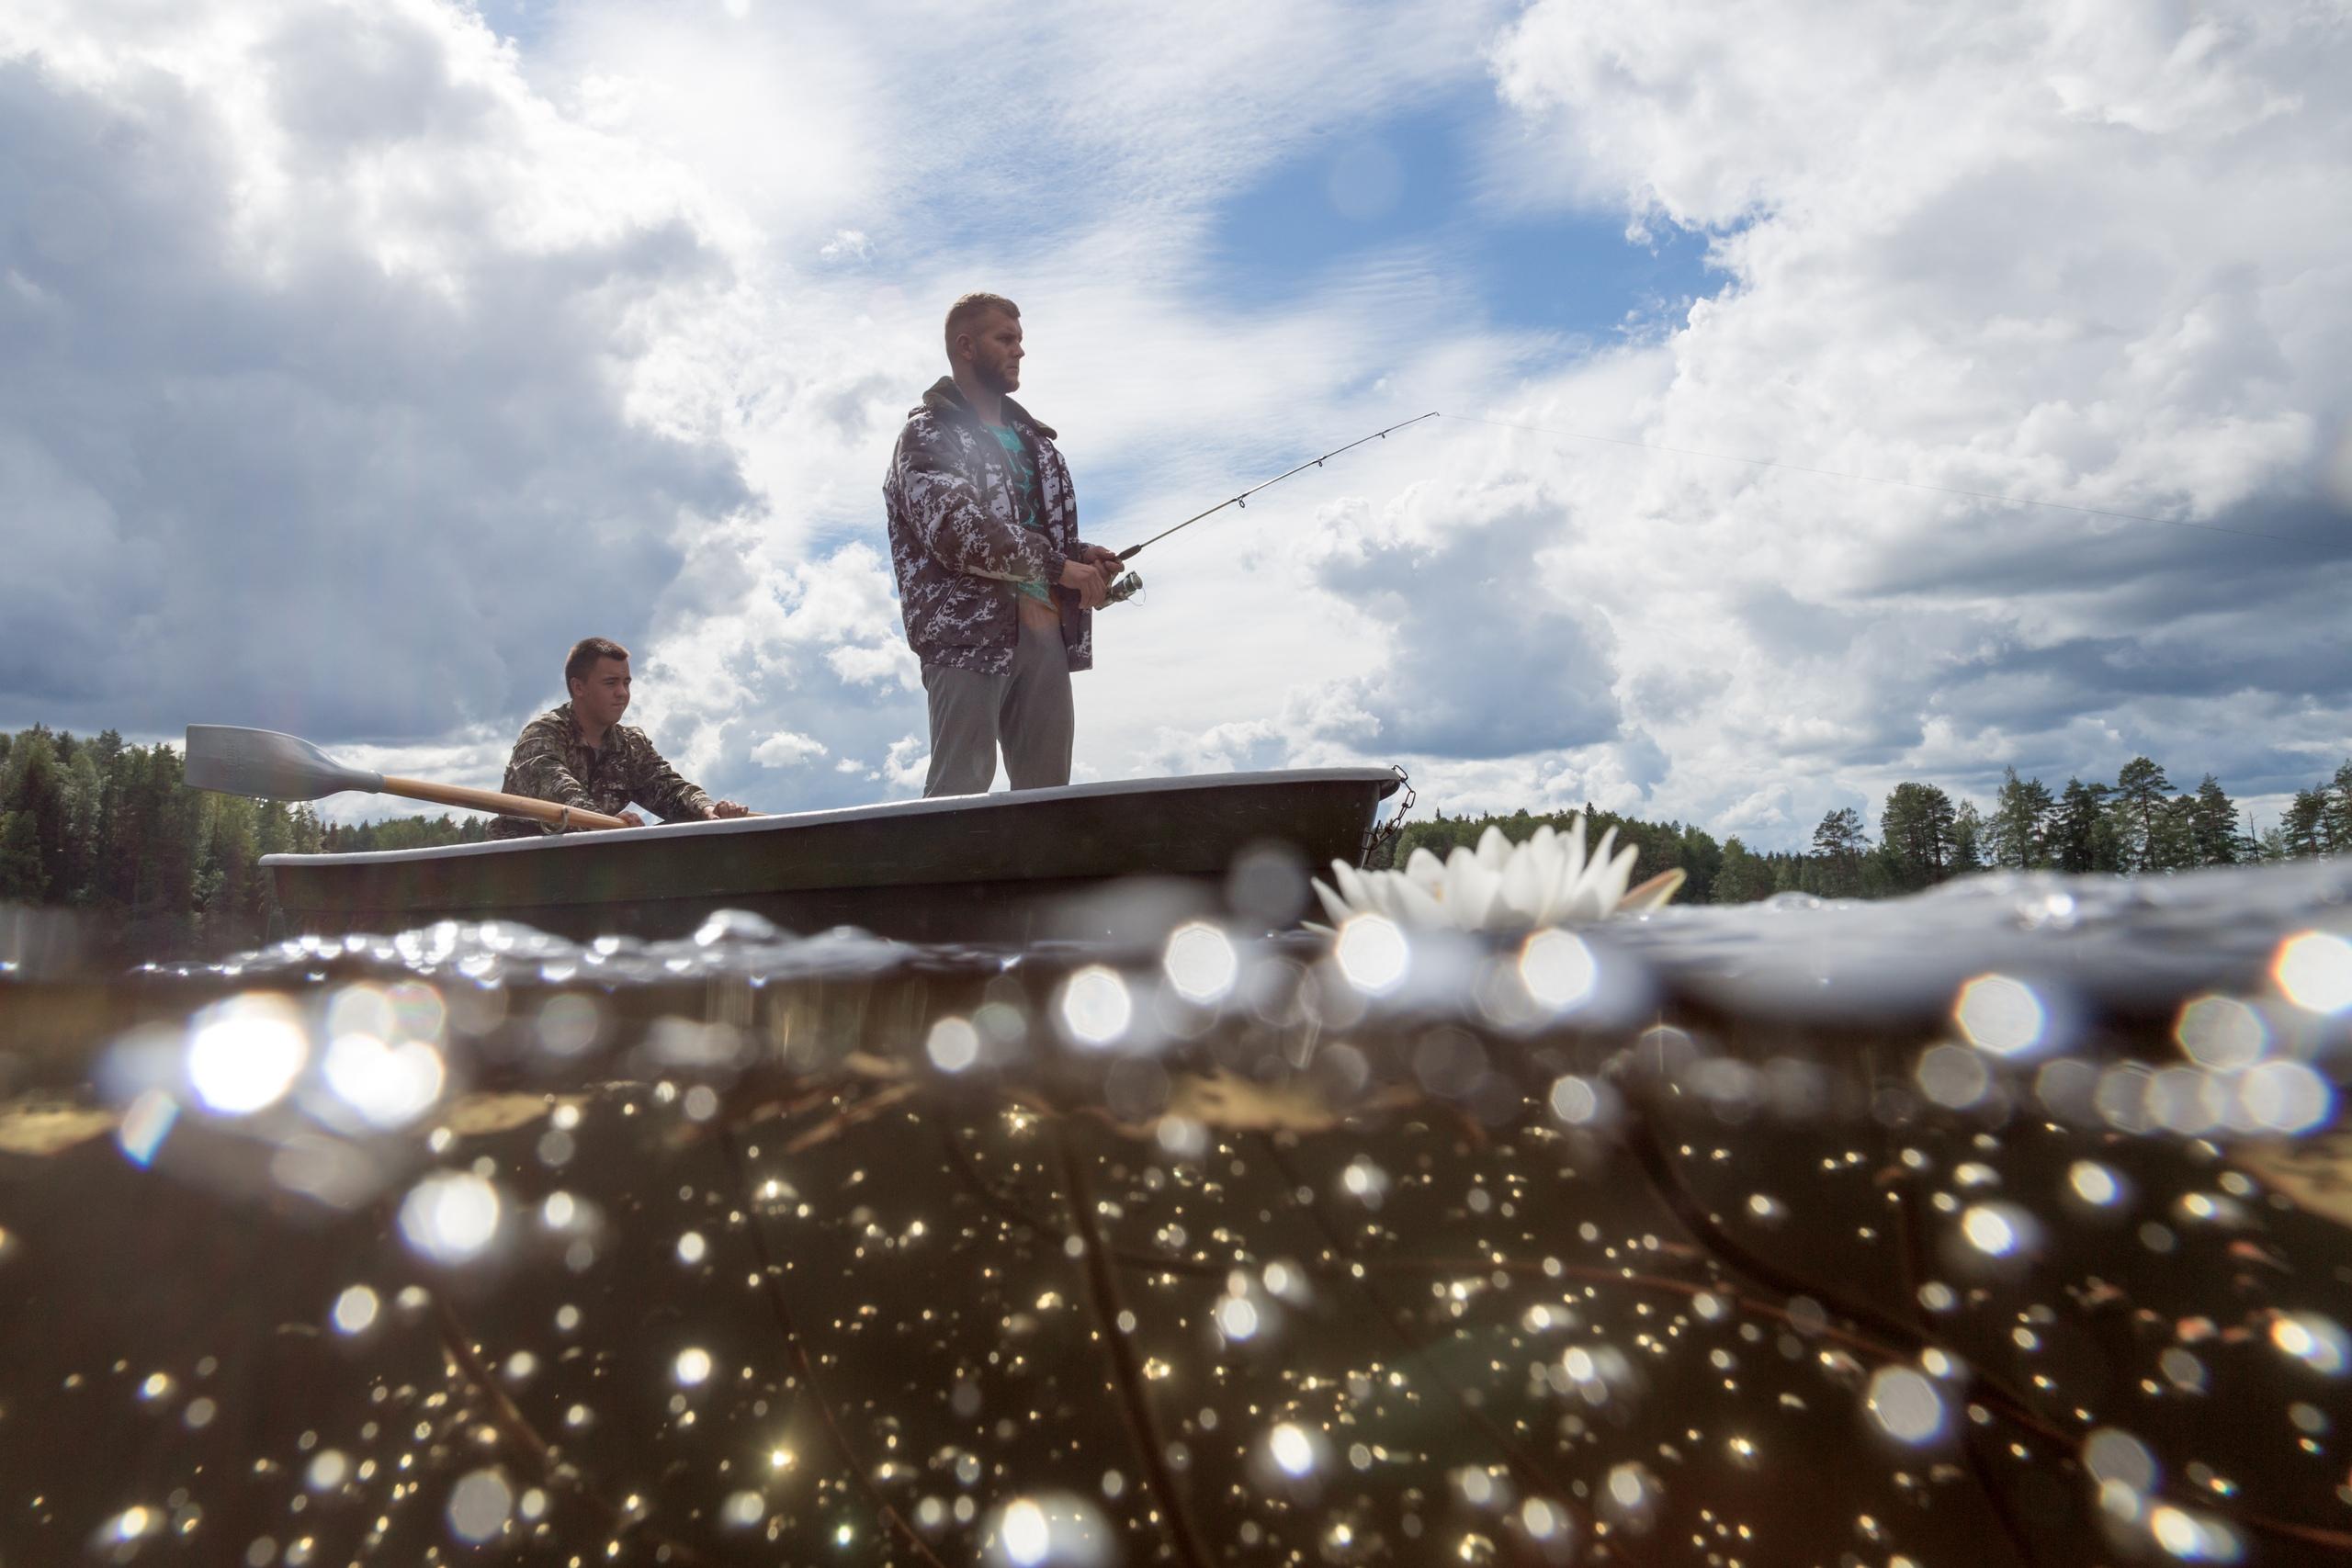 Ловля щуки в озере Щучьем, Кенозерский национальный парк